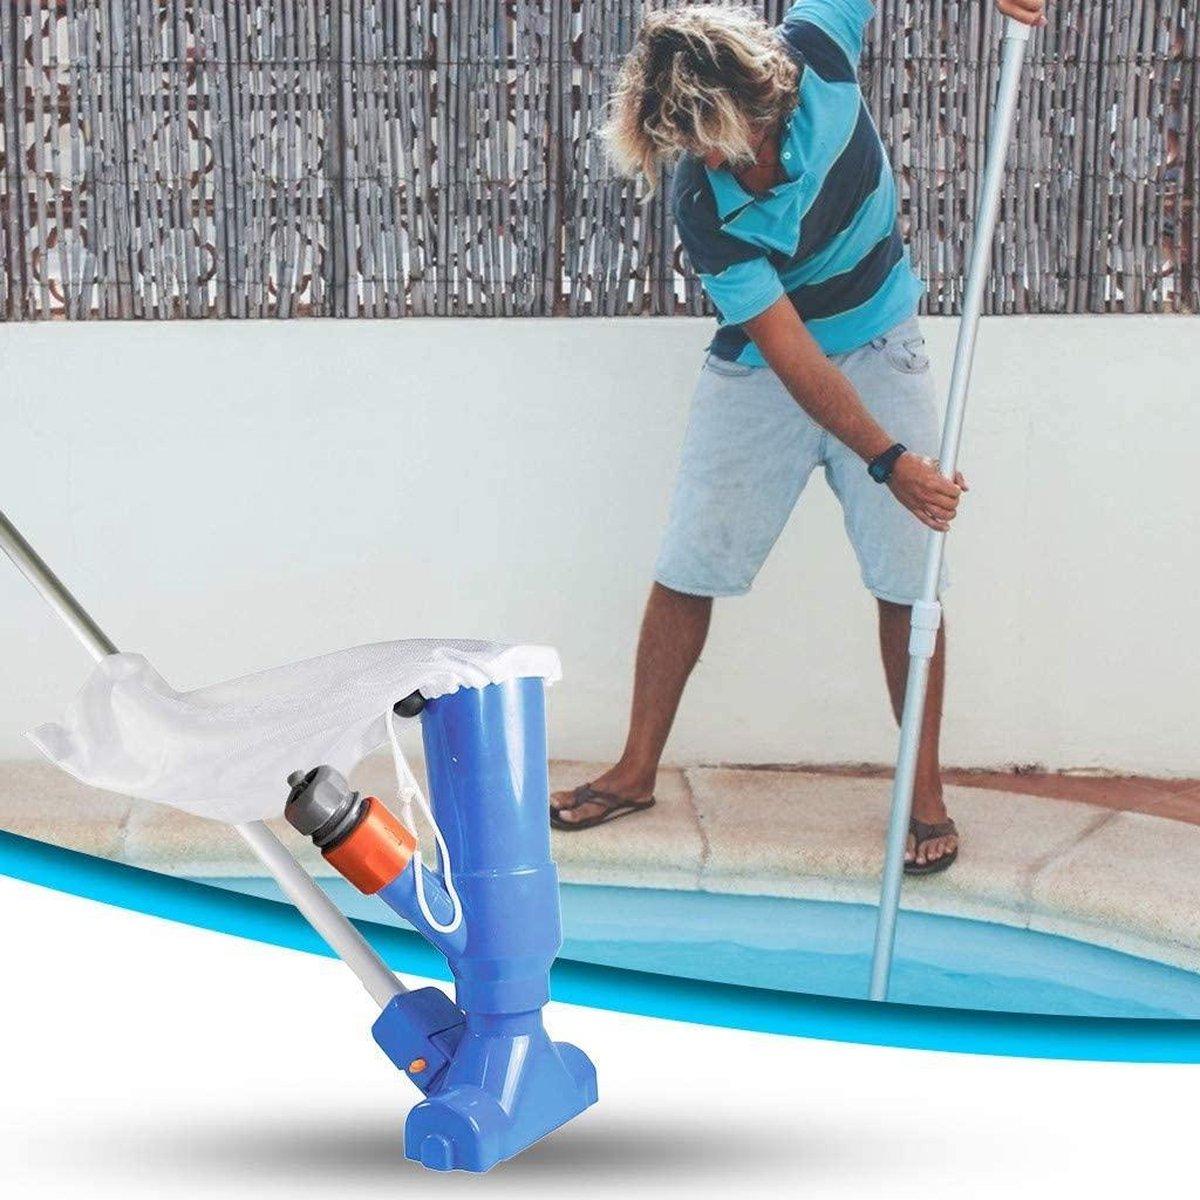 Jet Vac Zwembad Stofzuiger - Zwembadstofzuiger -Bodemzuiger - Inclusief Telescoopstang - Zwembadzuiger - Bodemzuiger Zwembad - Zwembad Onderhoud - Zwembad Schoonmaak